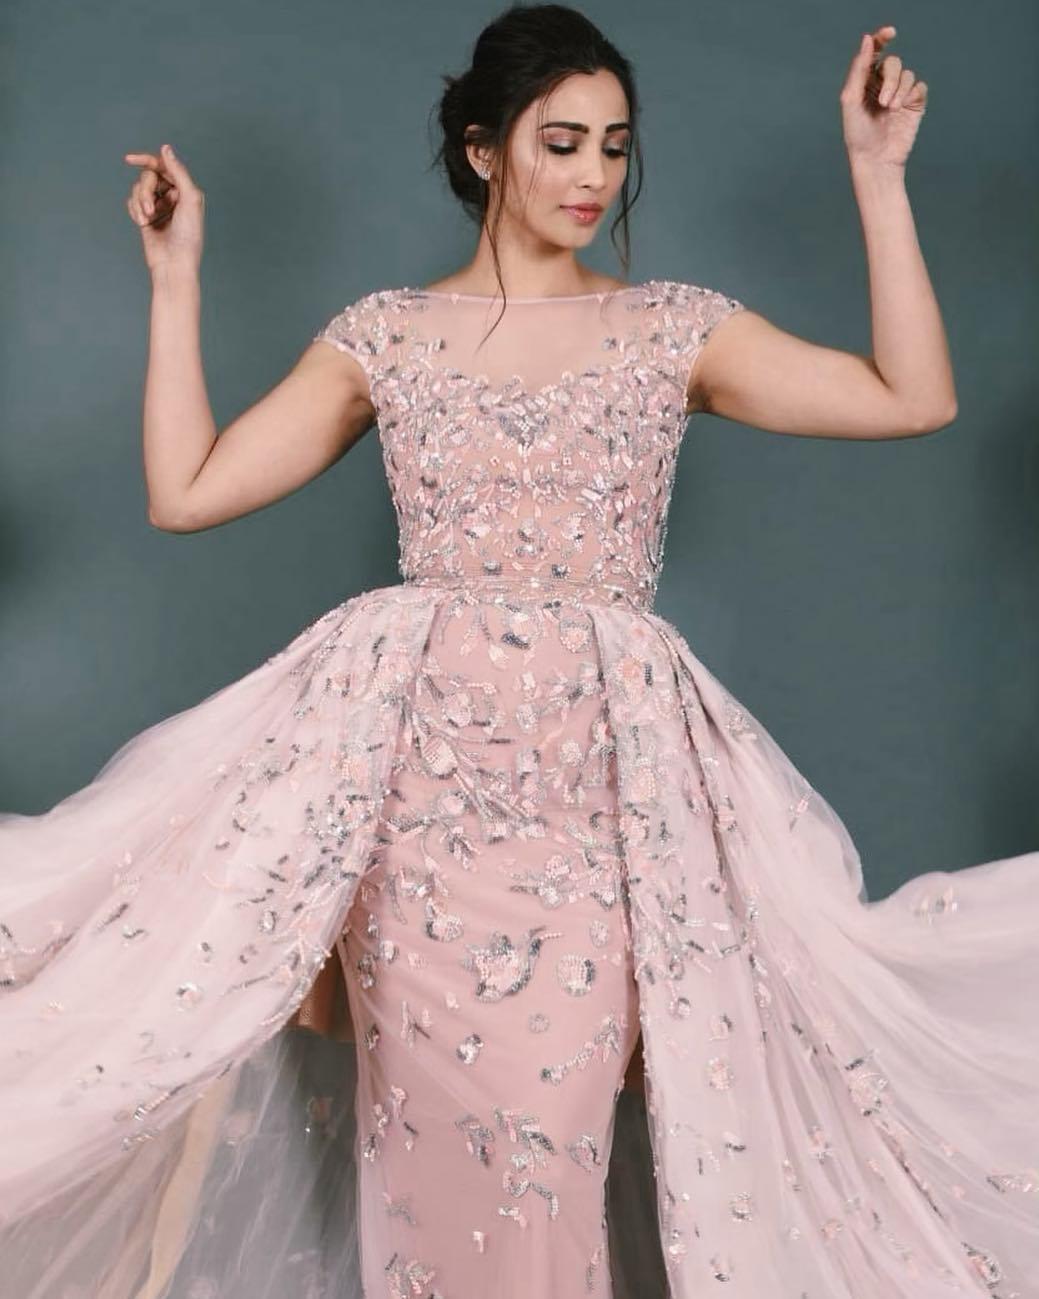 daisy shah bollywood actress 14